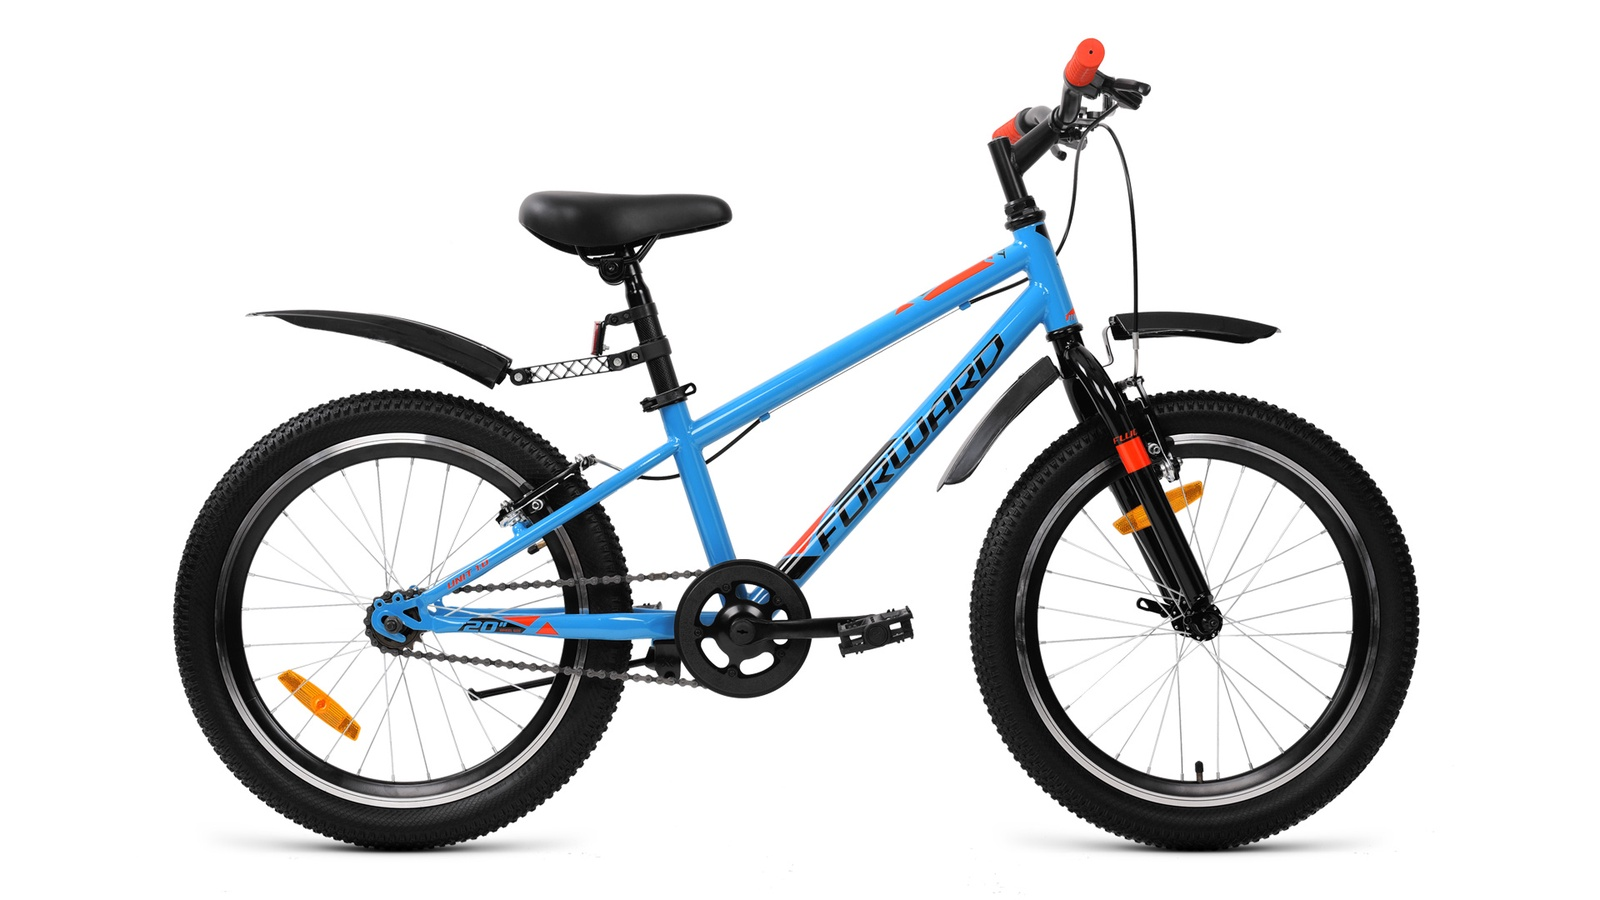 Велосипед Forward Unit 20 1.0 2019 синий велосипед forward unit 3 0 disc 2018